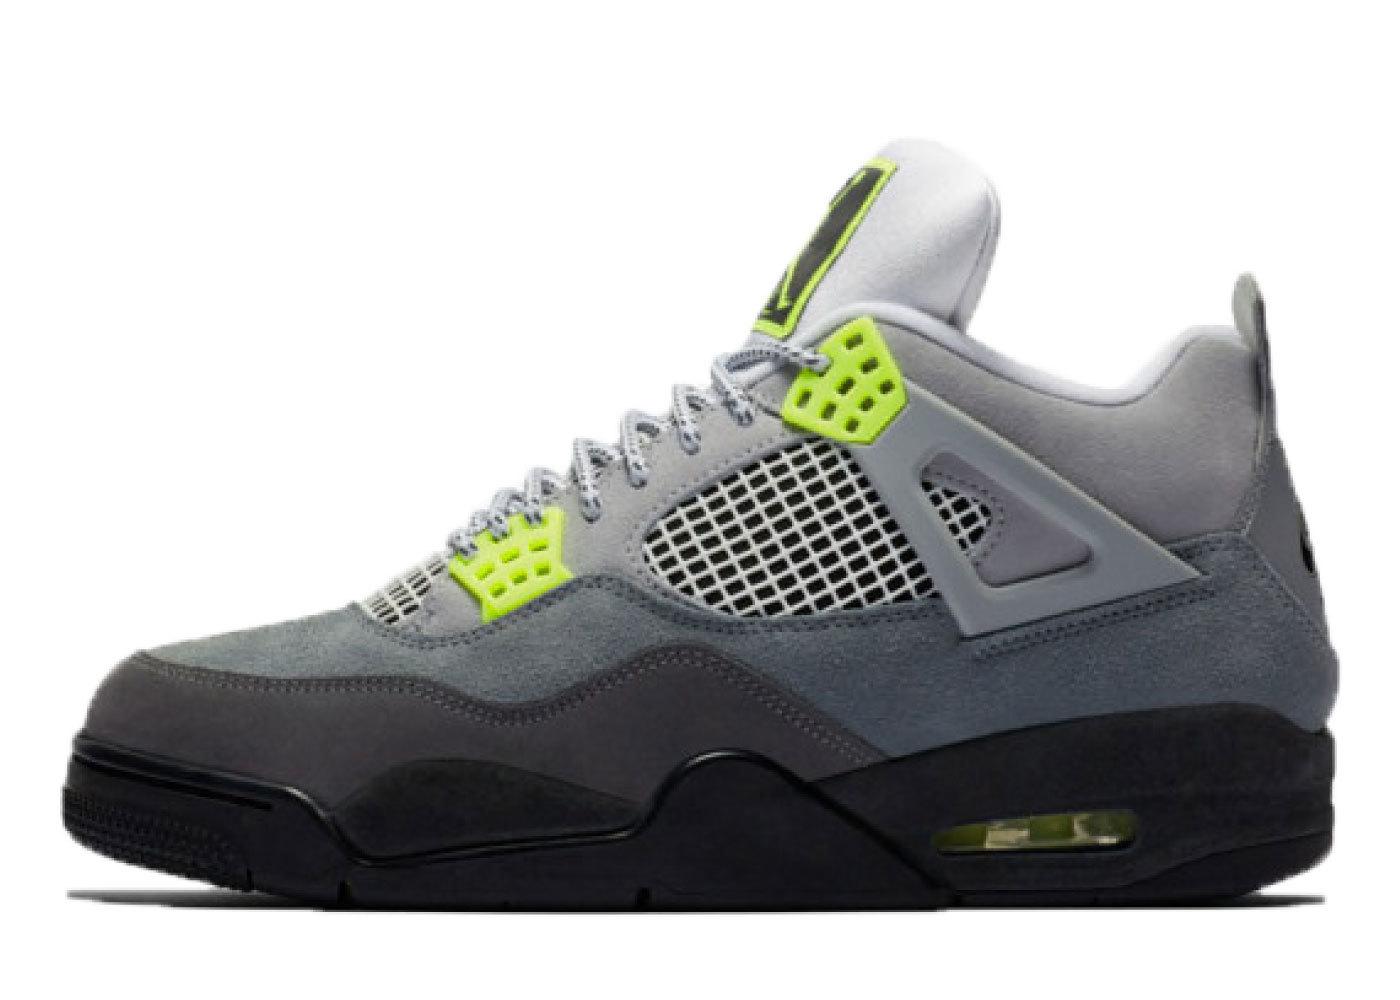 Nike Air Jordan 4 Retro 95 Neon (GS)の写真